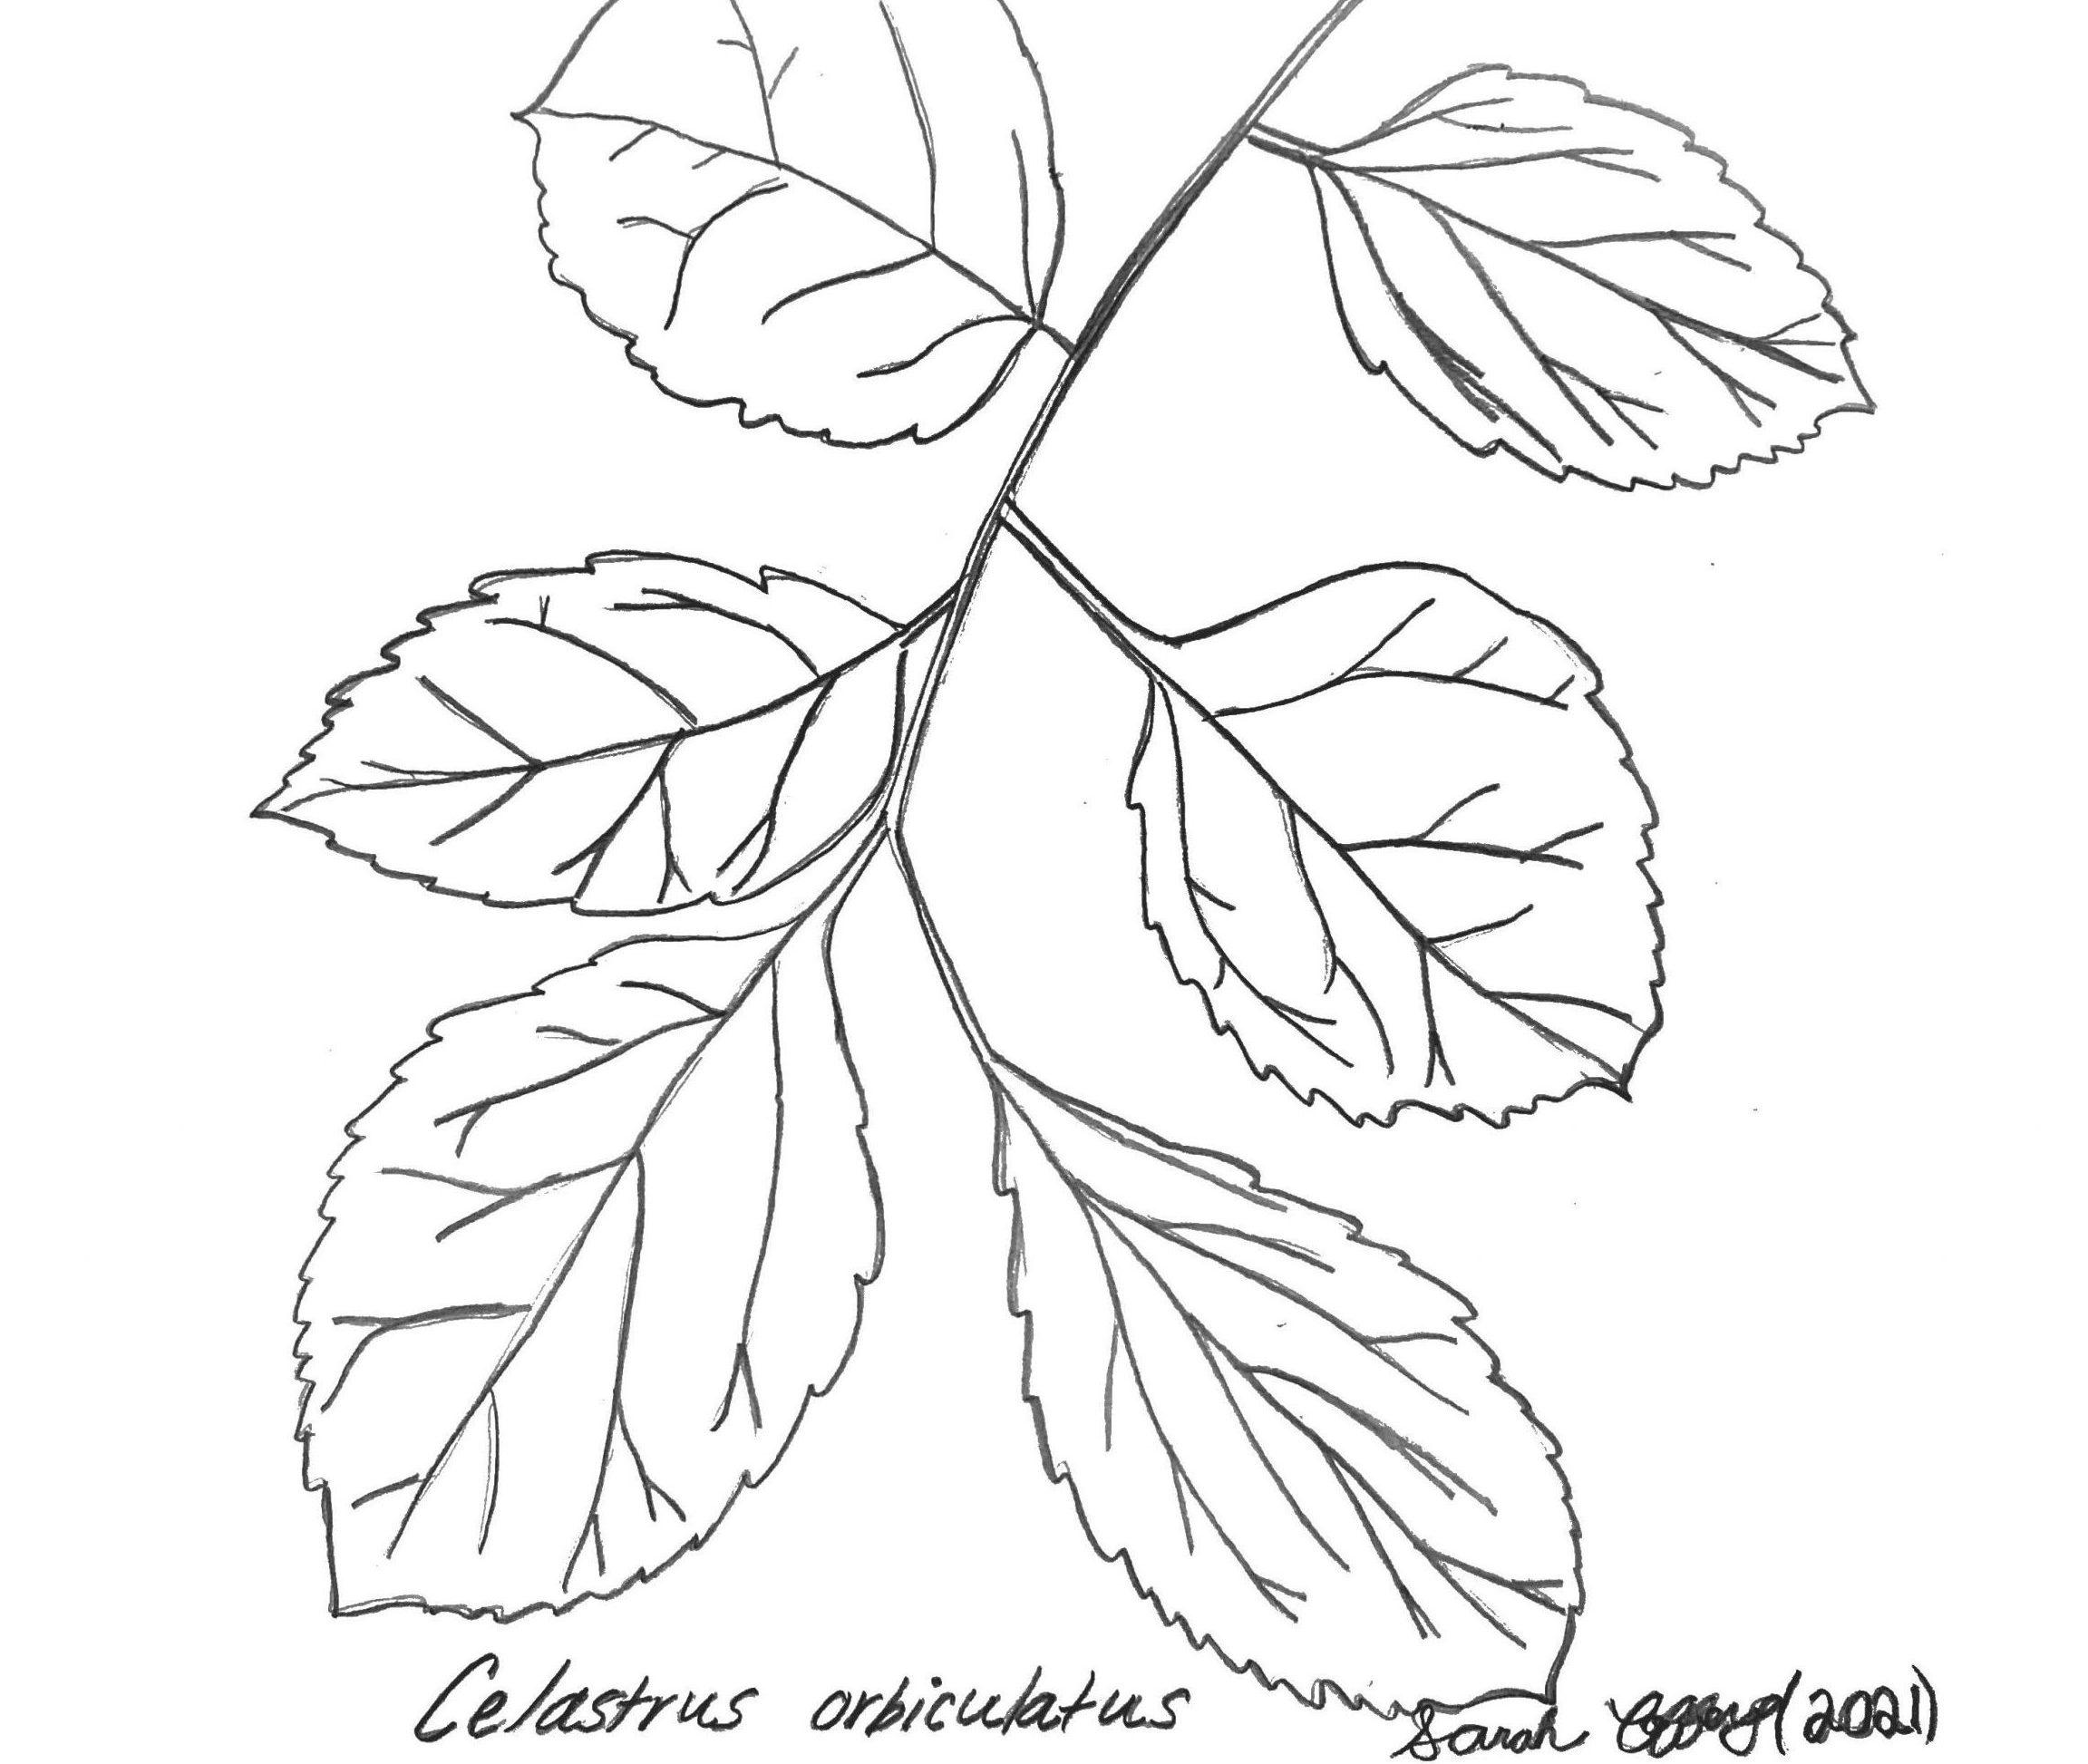 oriental bittersweet sketch